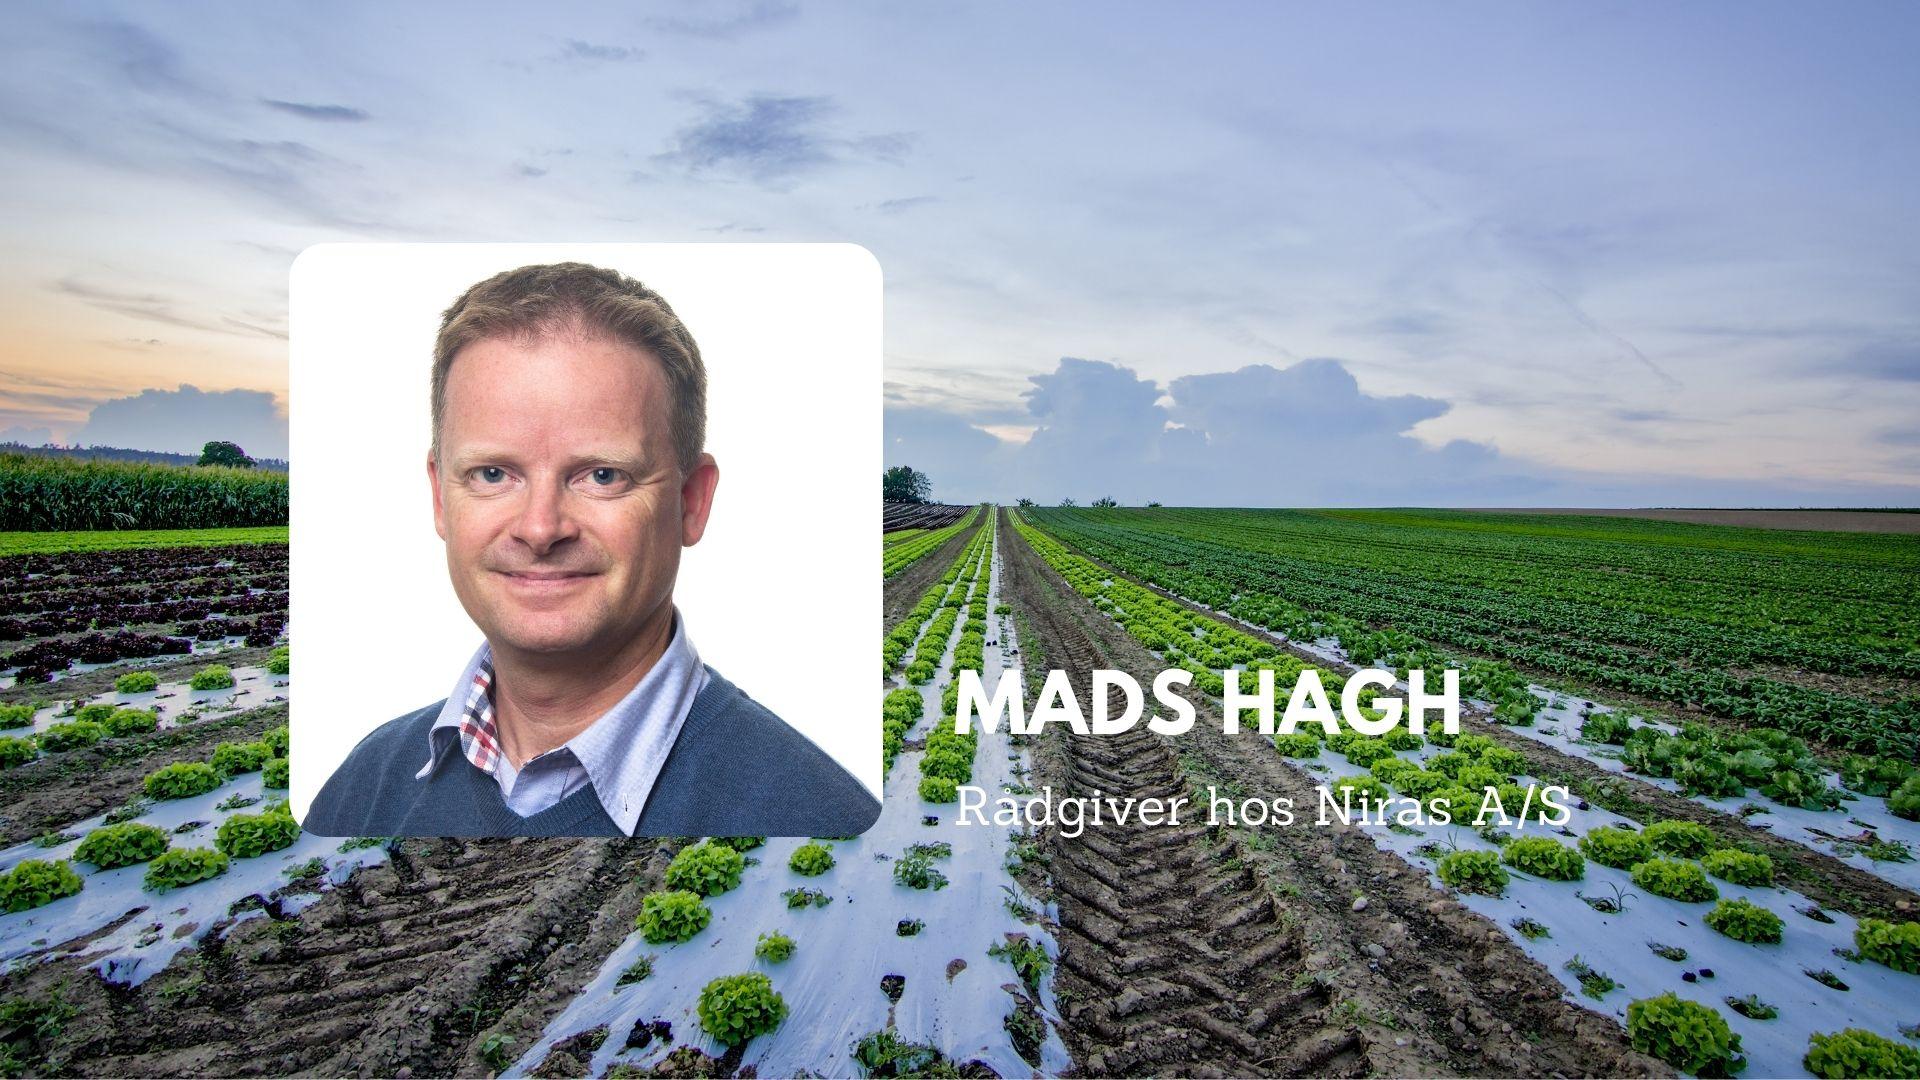 Mads Hagh Farmbrella